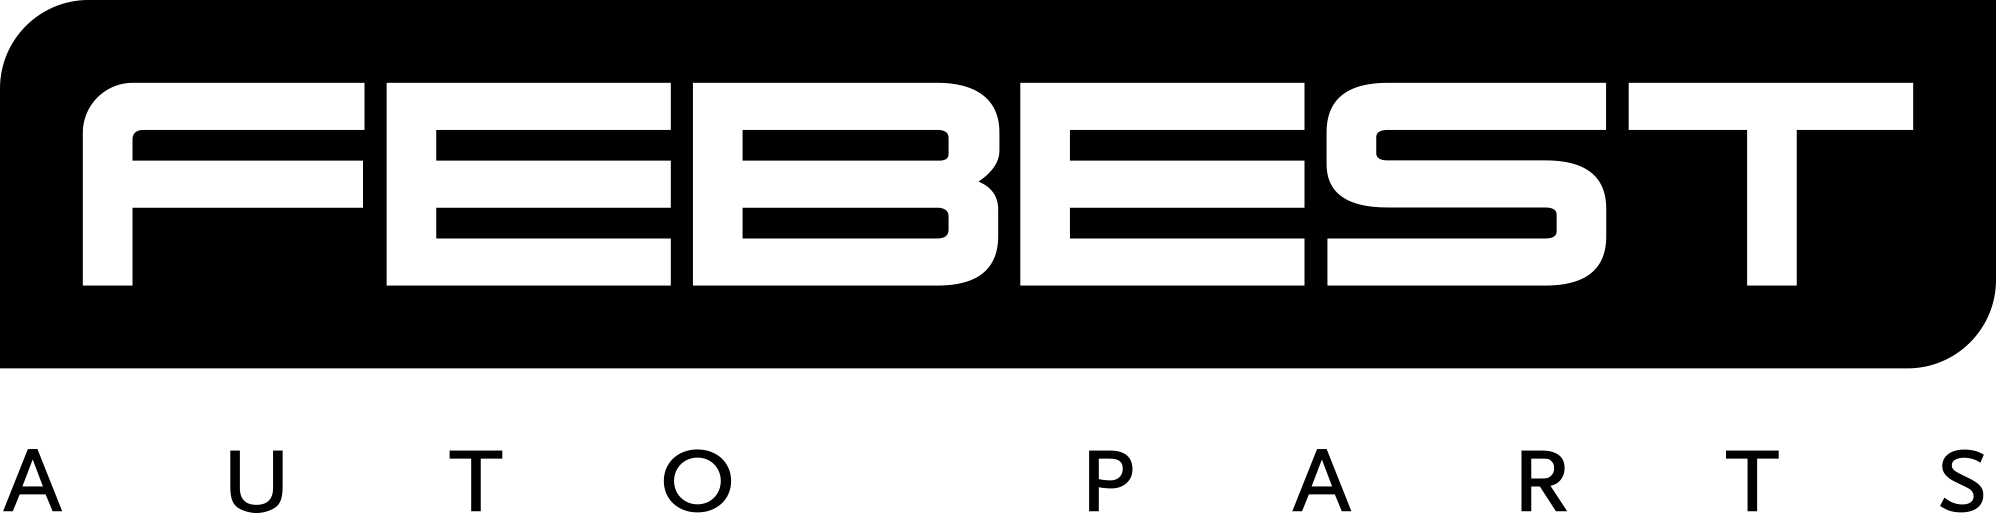 FEBEST Faltenbalg ANTRIEBSWELLE GELENKWELLE 2715-S80SA für MITSUBISHI NISSAN